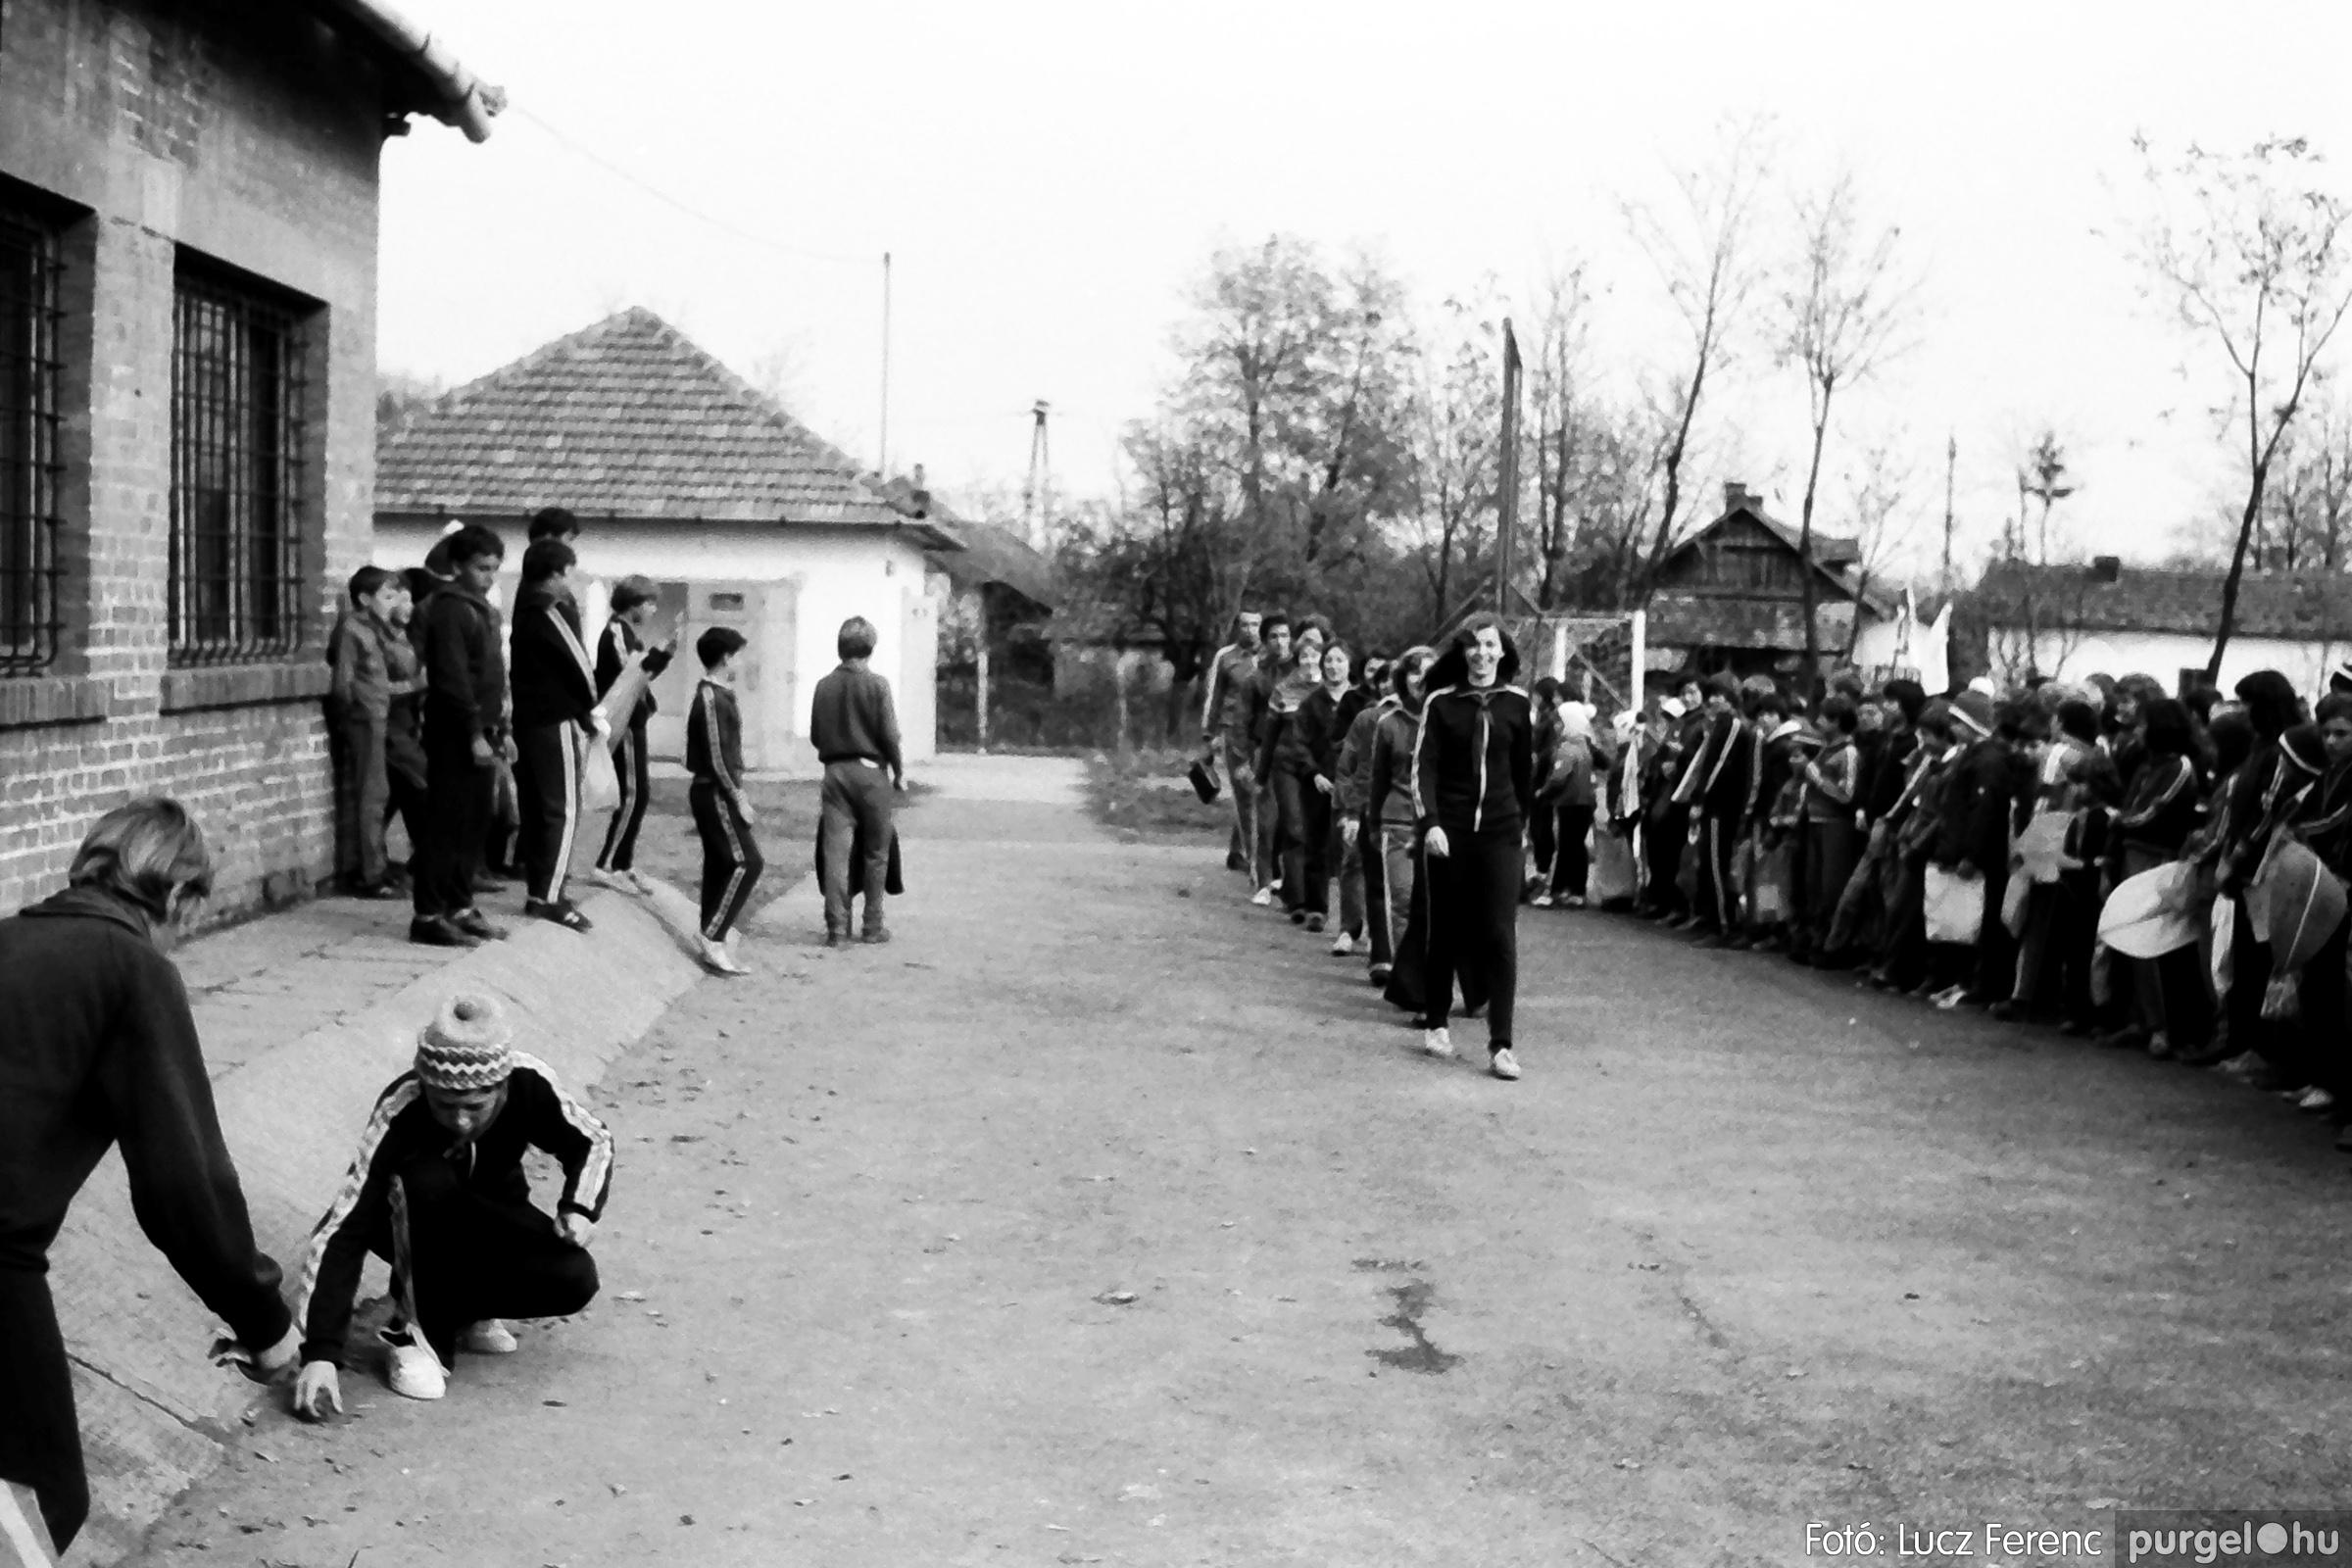 092. 1977. Úttörő rendezvény a Központi Általános Iskolában 011. - Fotó: Lucz Ferenc.jpg